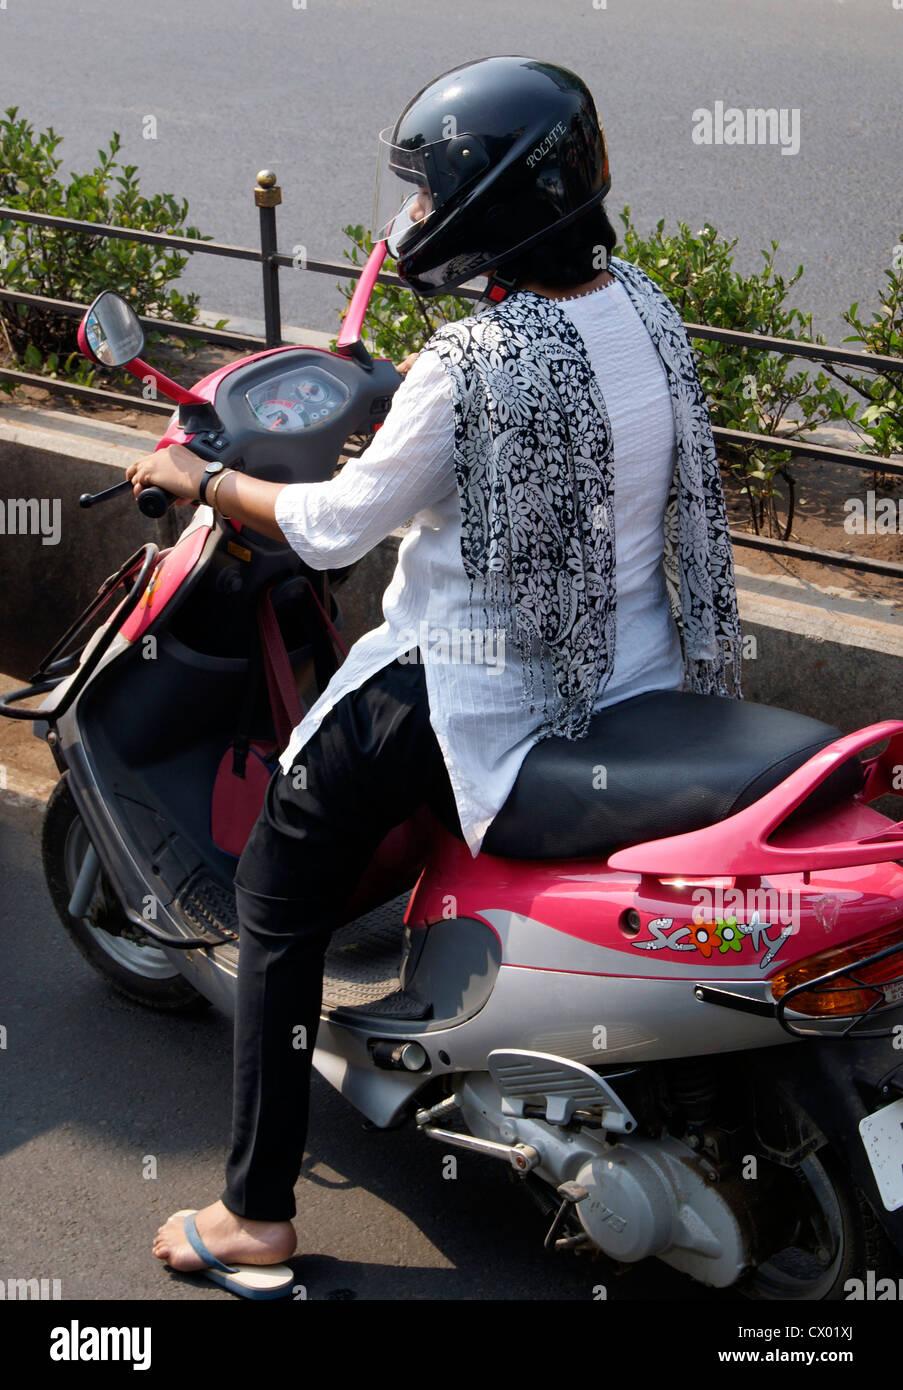 China pretty girls mobile phone autodyne dew pointzym1 - 2 part 3